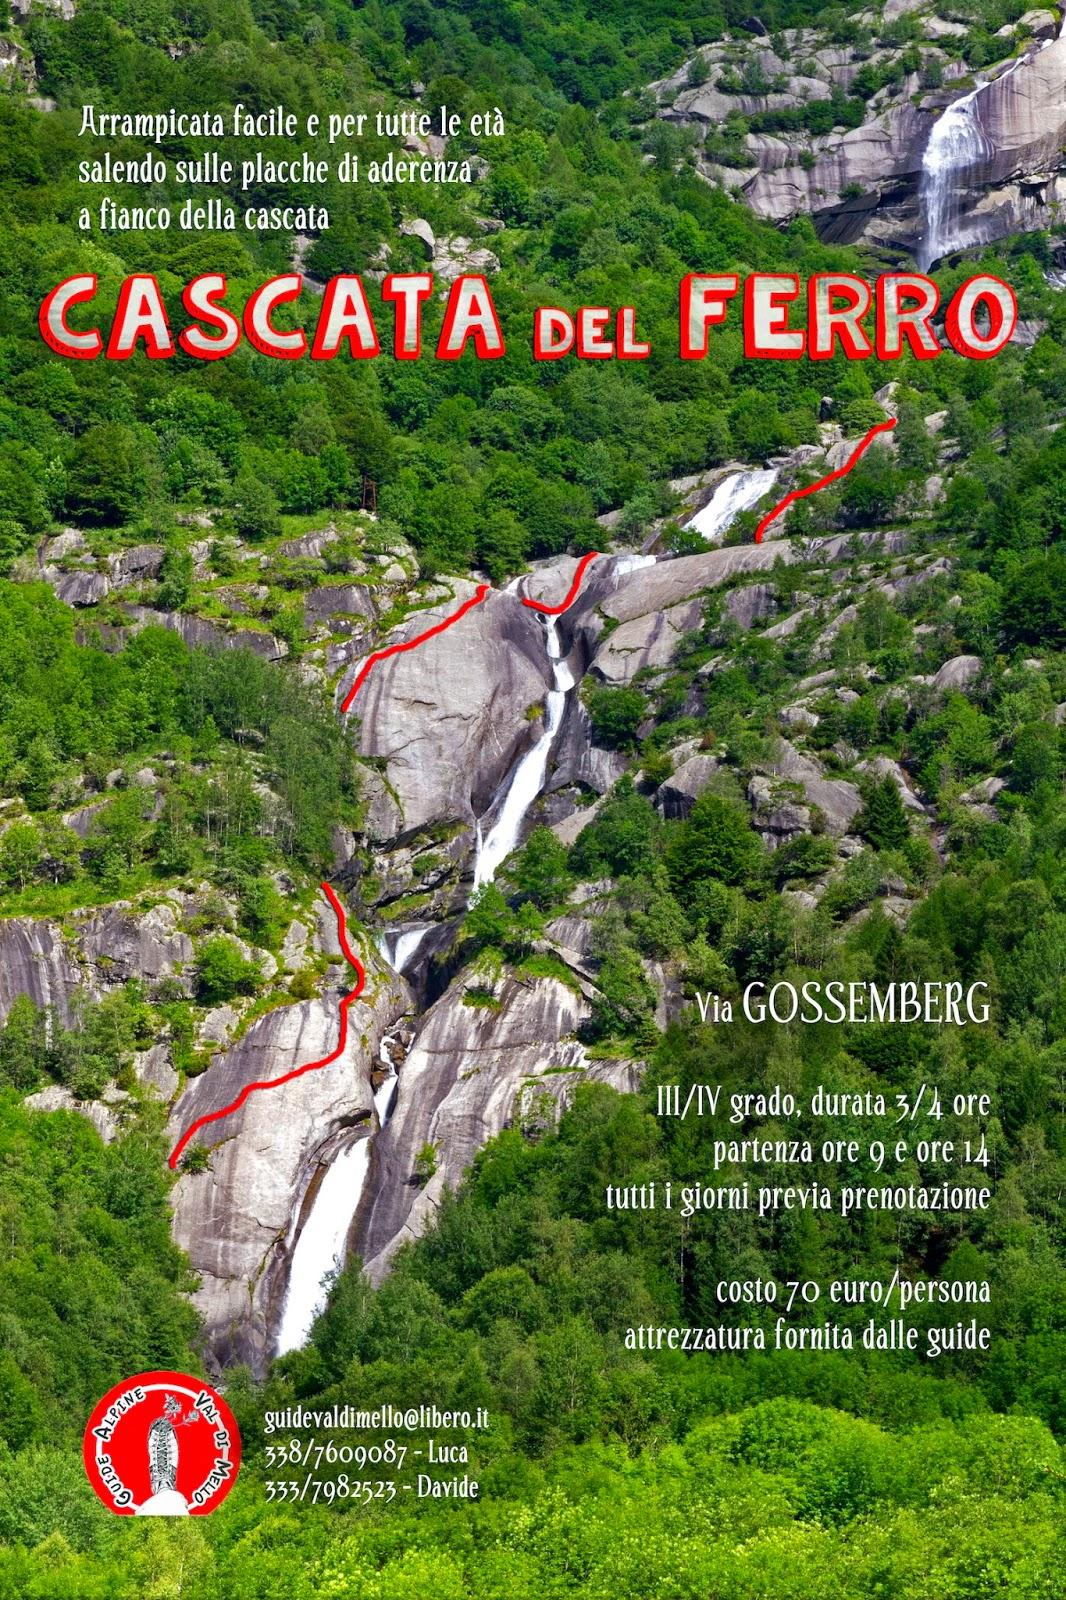 MASINO CLIMBING: GUIDE ALPINE VAL DI MELLO - via \